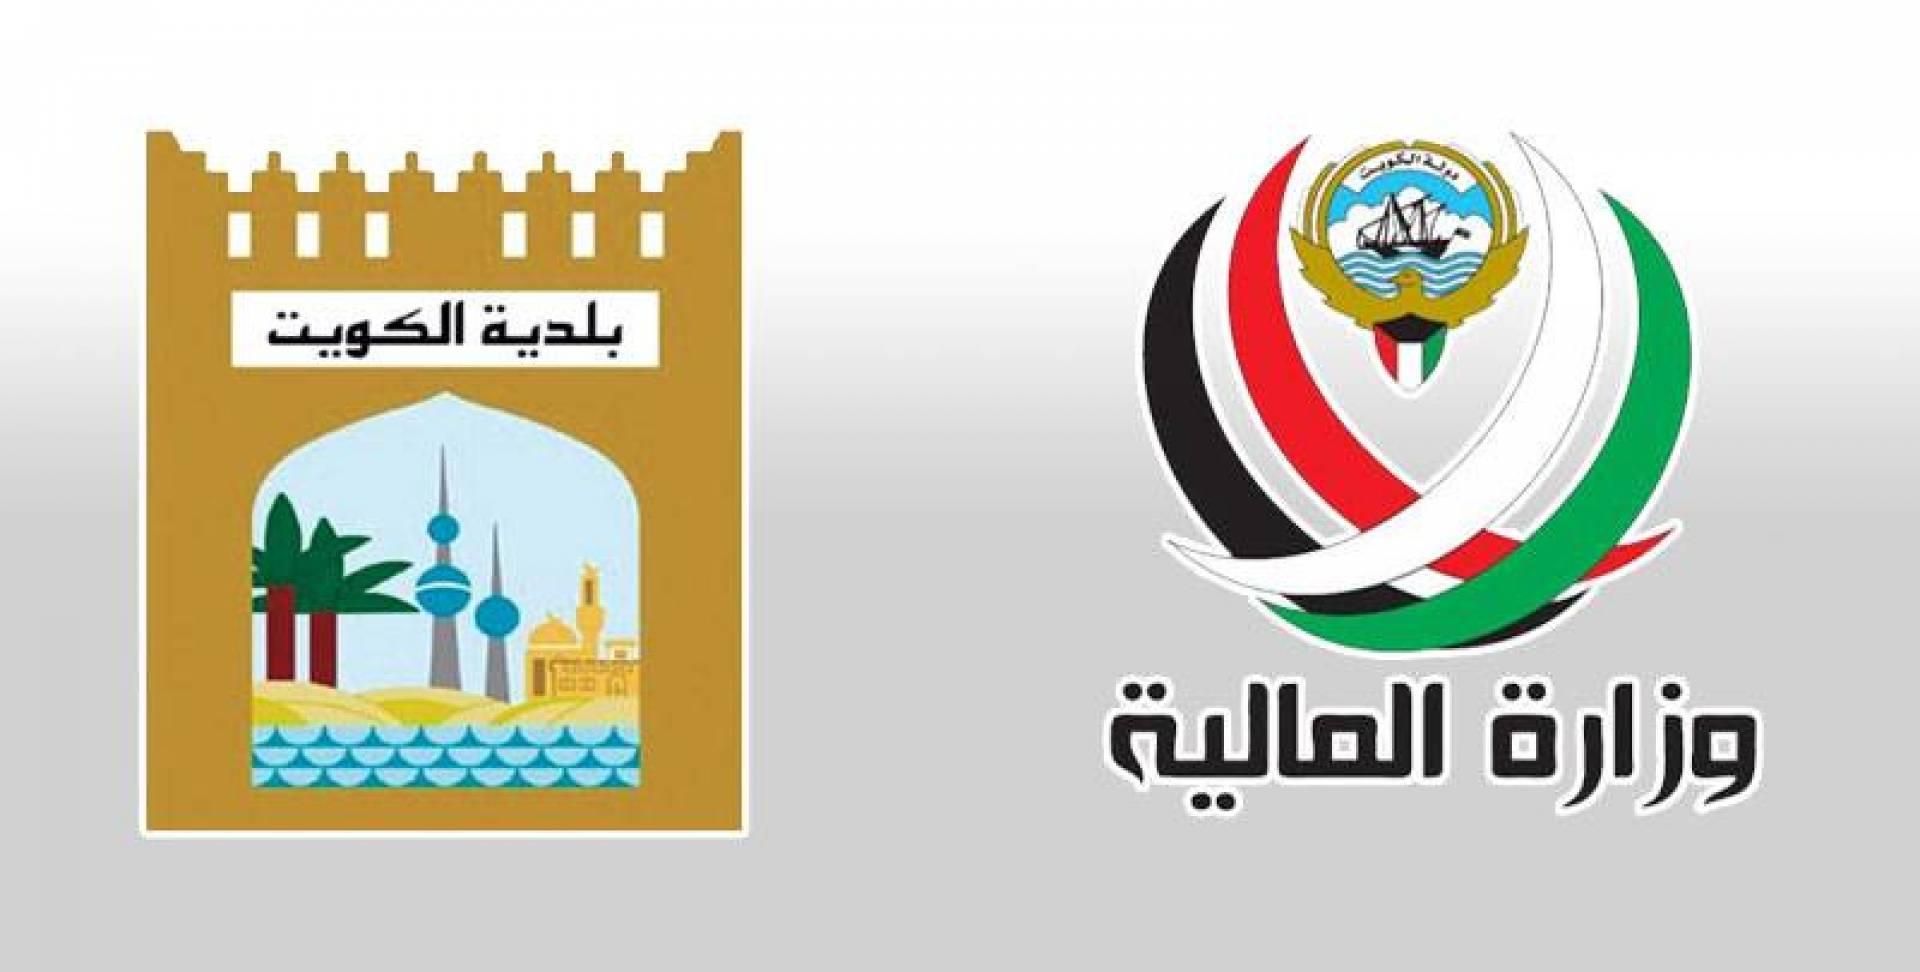 «المالية» تطالب «البلدية» بمعيقات «سوق الكويت»